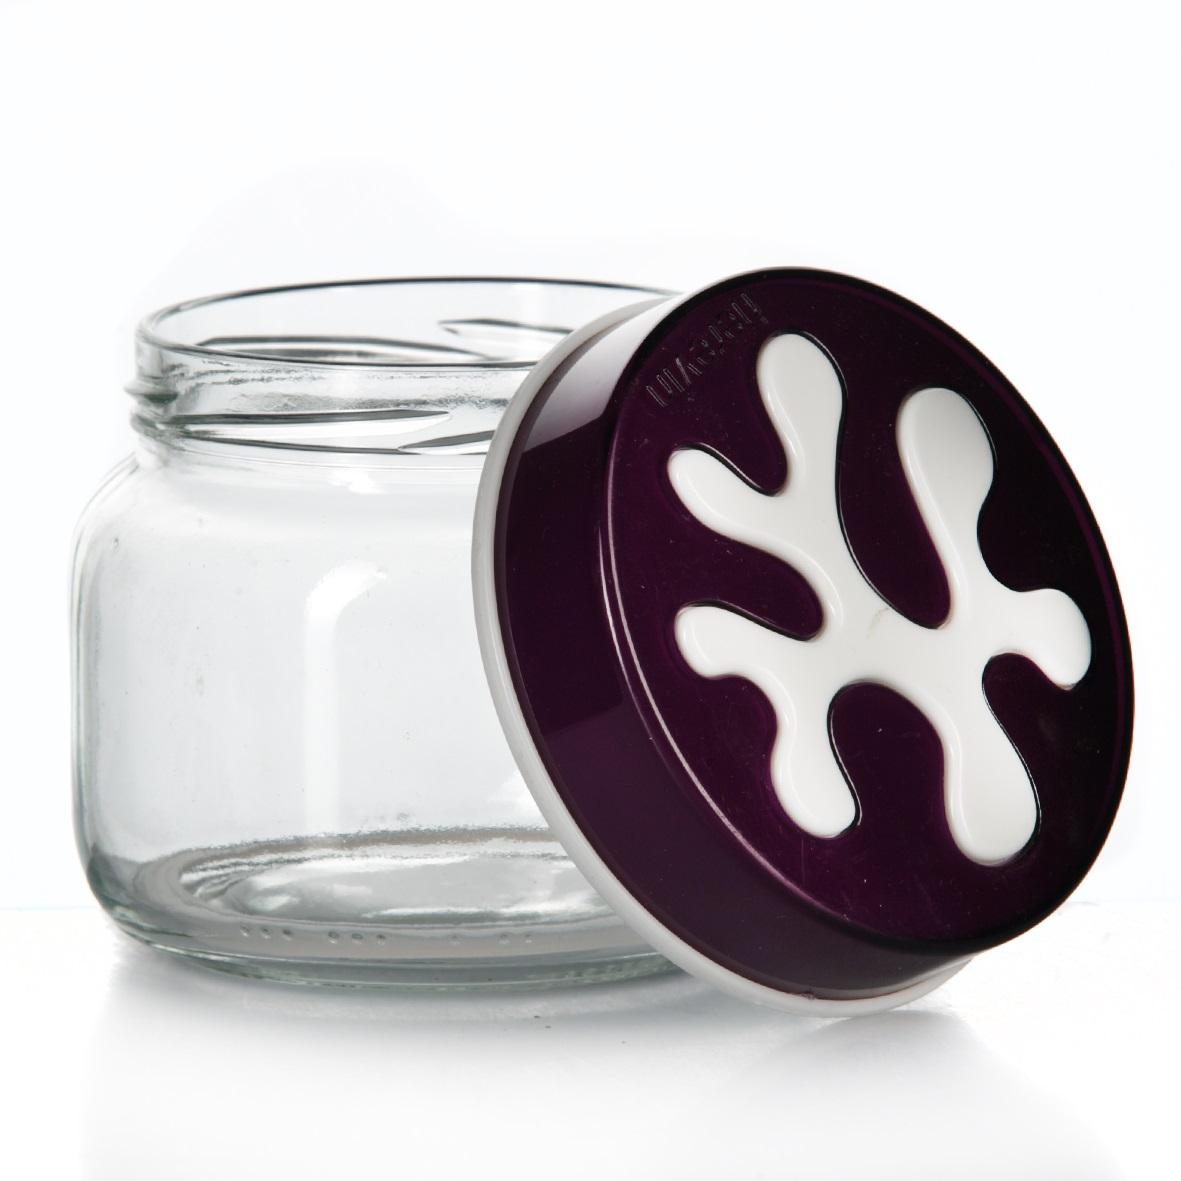 Банка для сыпучих продуктов Herevin, цвет: фиолетовый, 400 мл. 135357-003135357-003Банка для сыпучих продуктов Herevin изготовлена из прочного стекла и оснащена плотно закрывающейся пластиковой крышкой. Благодаря этому внутри сохраняется герметичность, и продукты дольше остаются свежими. Изделие предназначено для хранения различных сыпучих продуктов: круп, чая, сахара, орехов и т.д. Функциональная и вместительная, такая банка станет незаменимым аксессуаром на любой кухне. Можно мыть в посудомоечной машине. Пластиковые части рекомендуется мыть вручную. Объем: 400 мл. Диаметр (по верхнему краю): 7,5 см. Высота банки (без учета крышки): 8 см.